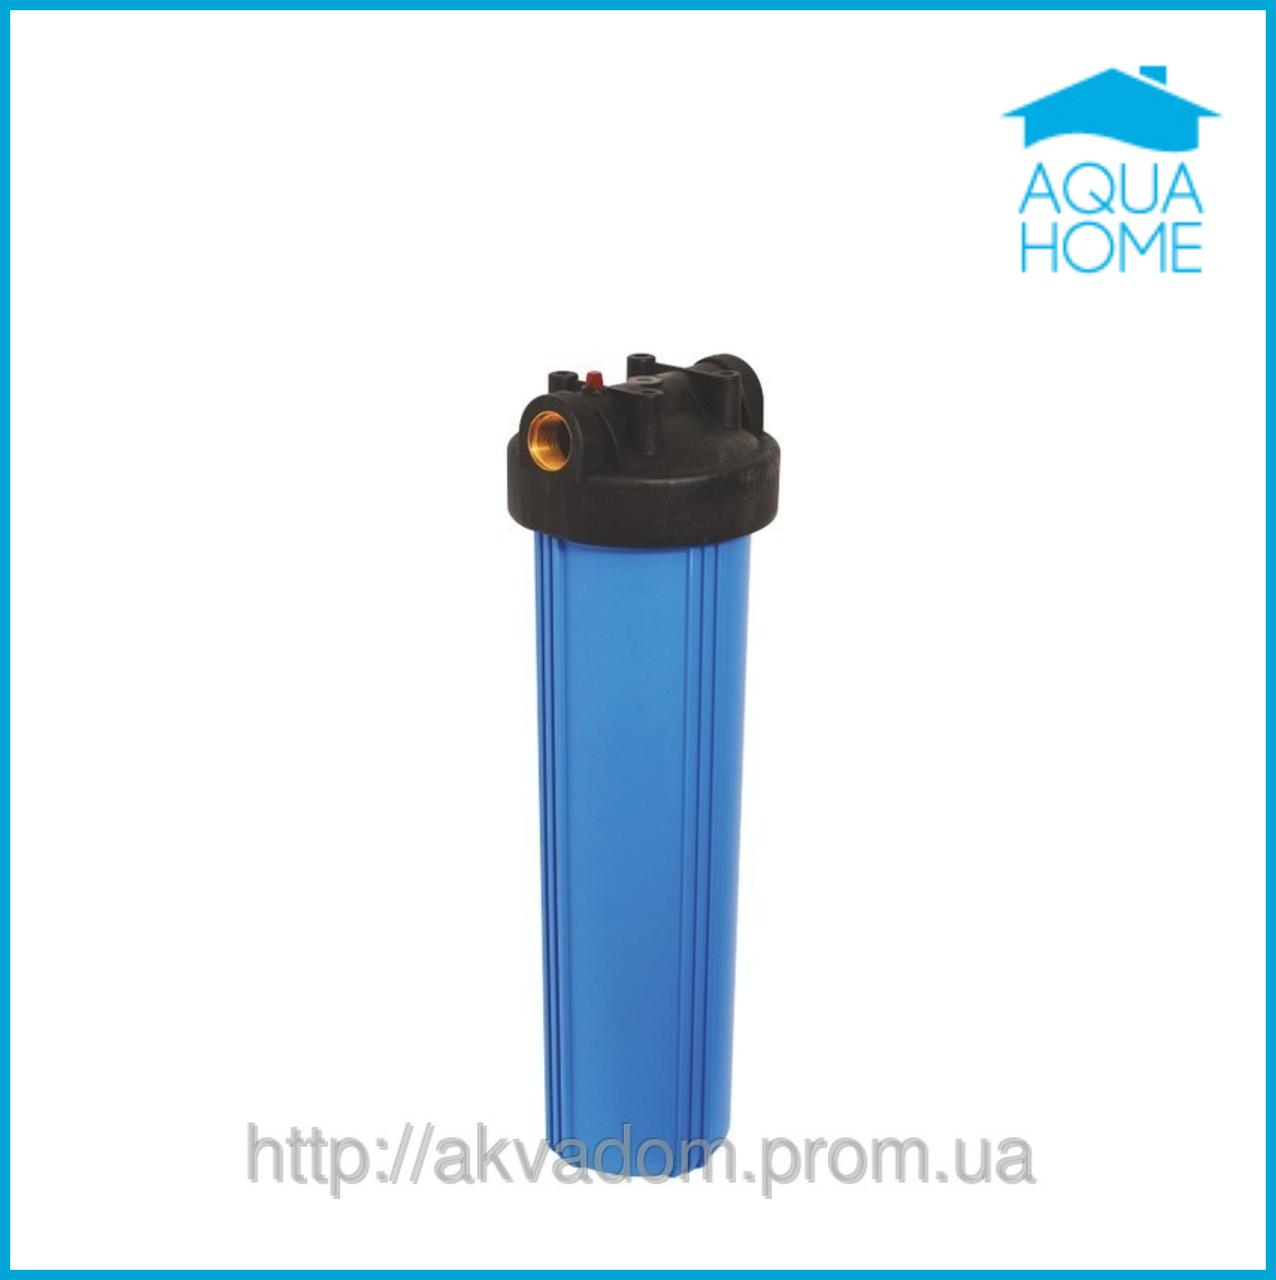 Фильтр Big Blue для холодной воды 20 дюймов Raifil PU897-BK1-PR латунный порт - Аквадом  фильтры для очистки воды,насосы для воды, увлажнители,отопление,химия для бассейнов в Харькове